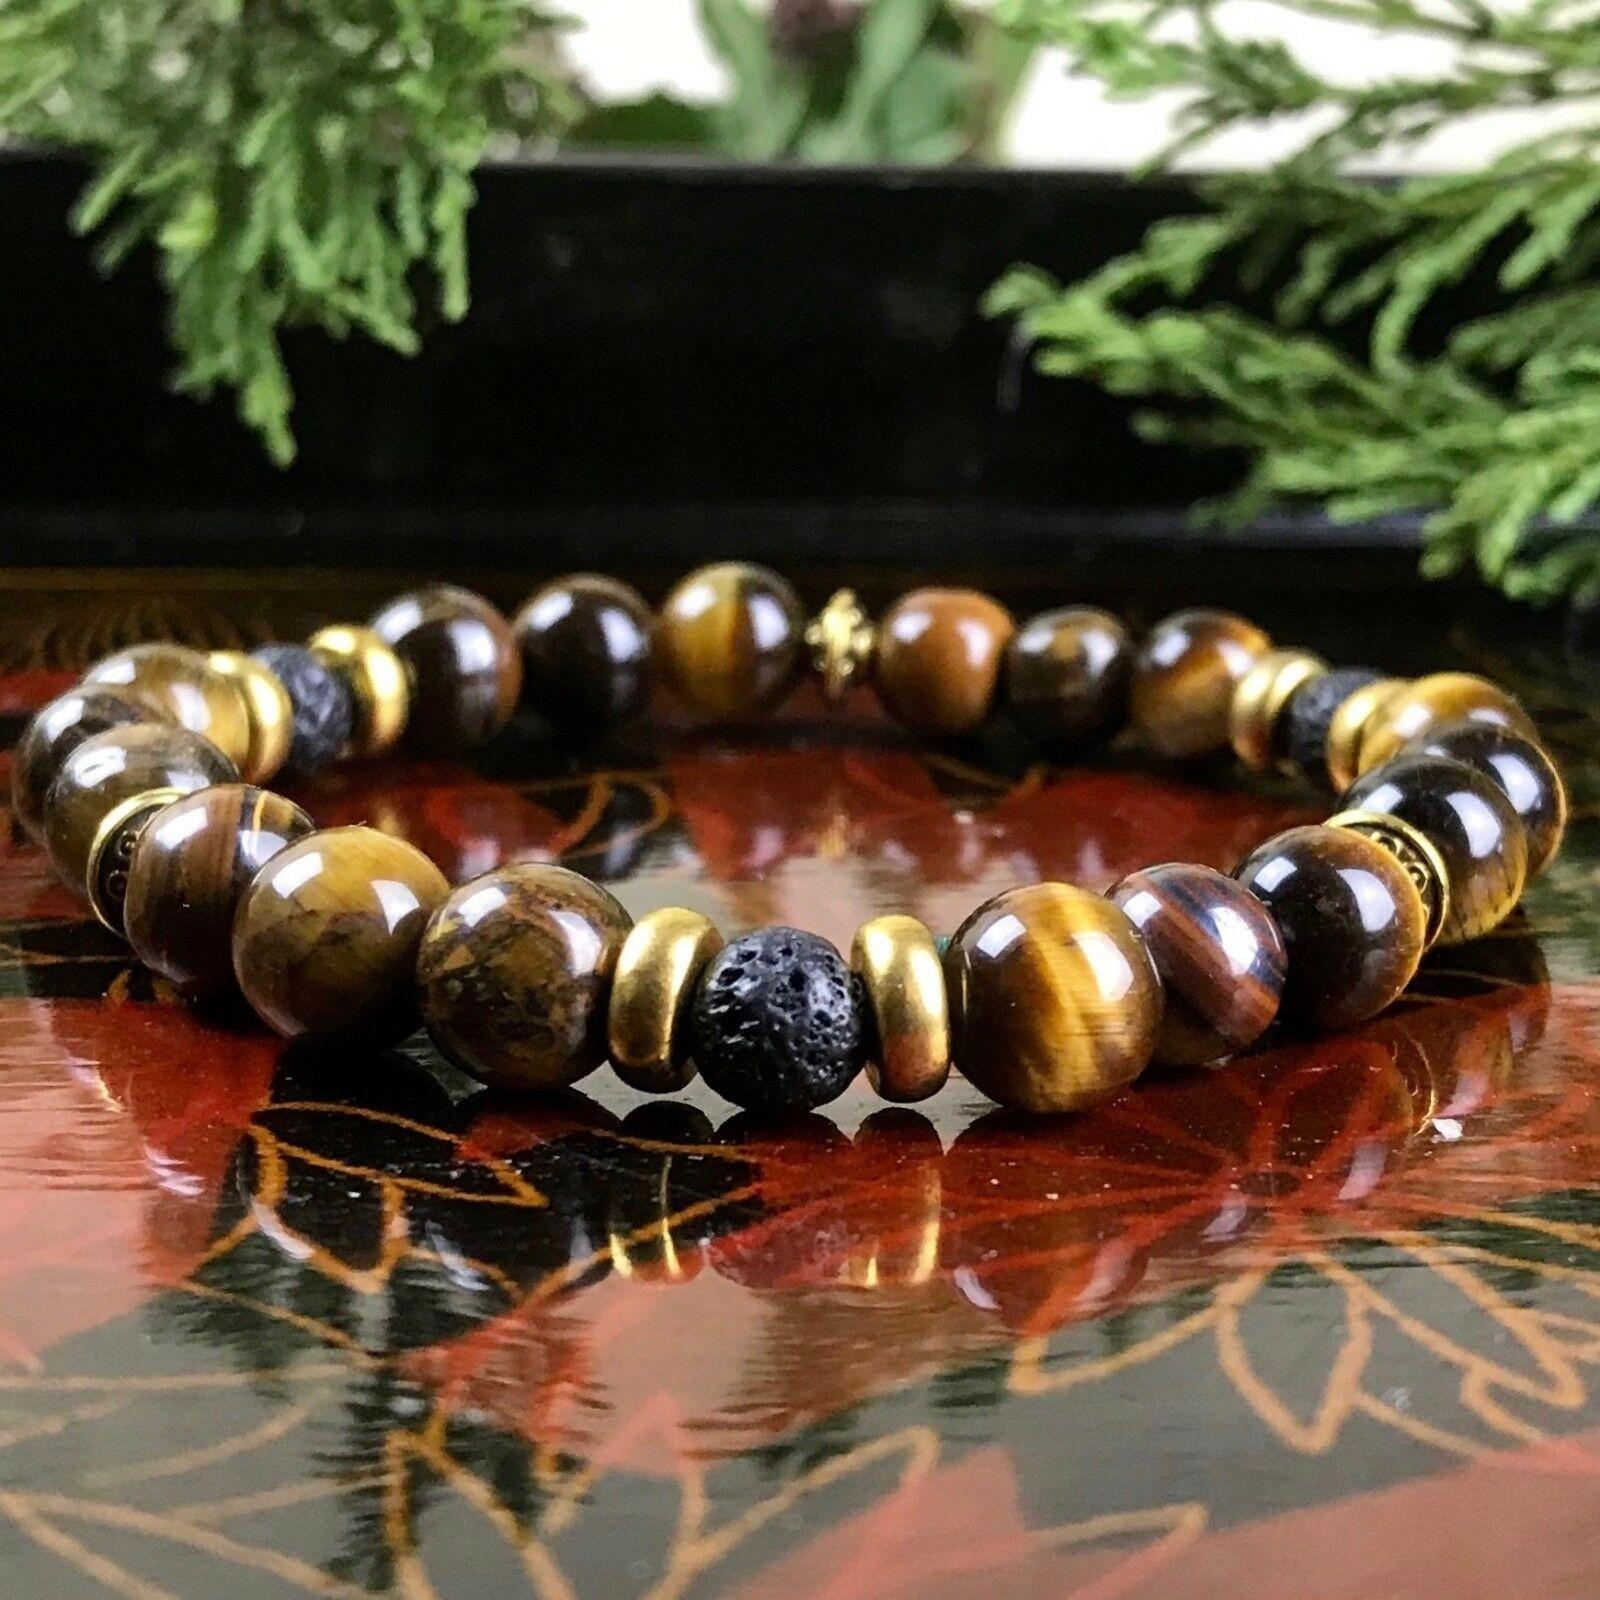 ordre achat spécial acheter pas cher Bracelet Homme Femme Oeil du Tigre pierre de lave Naturelles - Perles du  Tibet - DESIRS ESSENTIELS